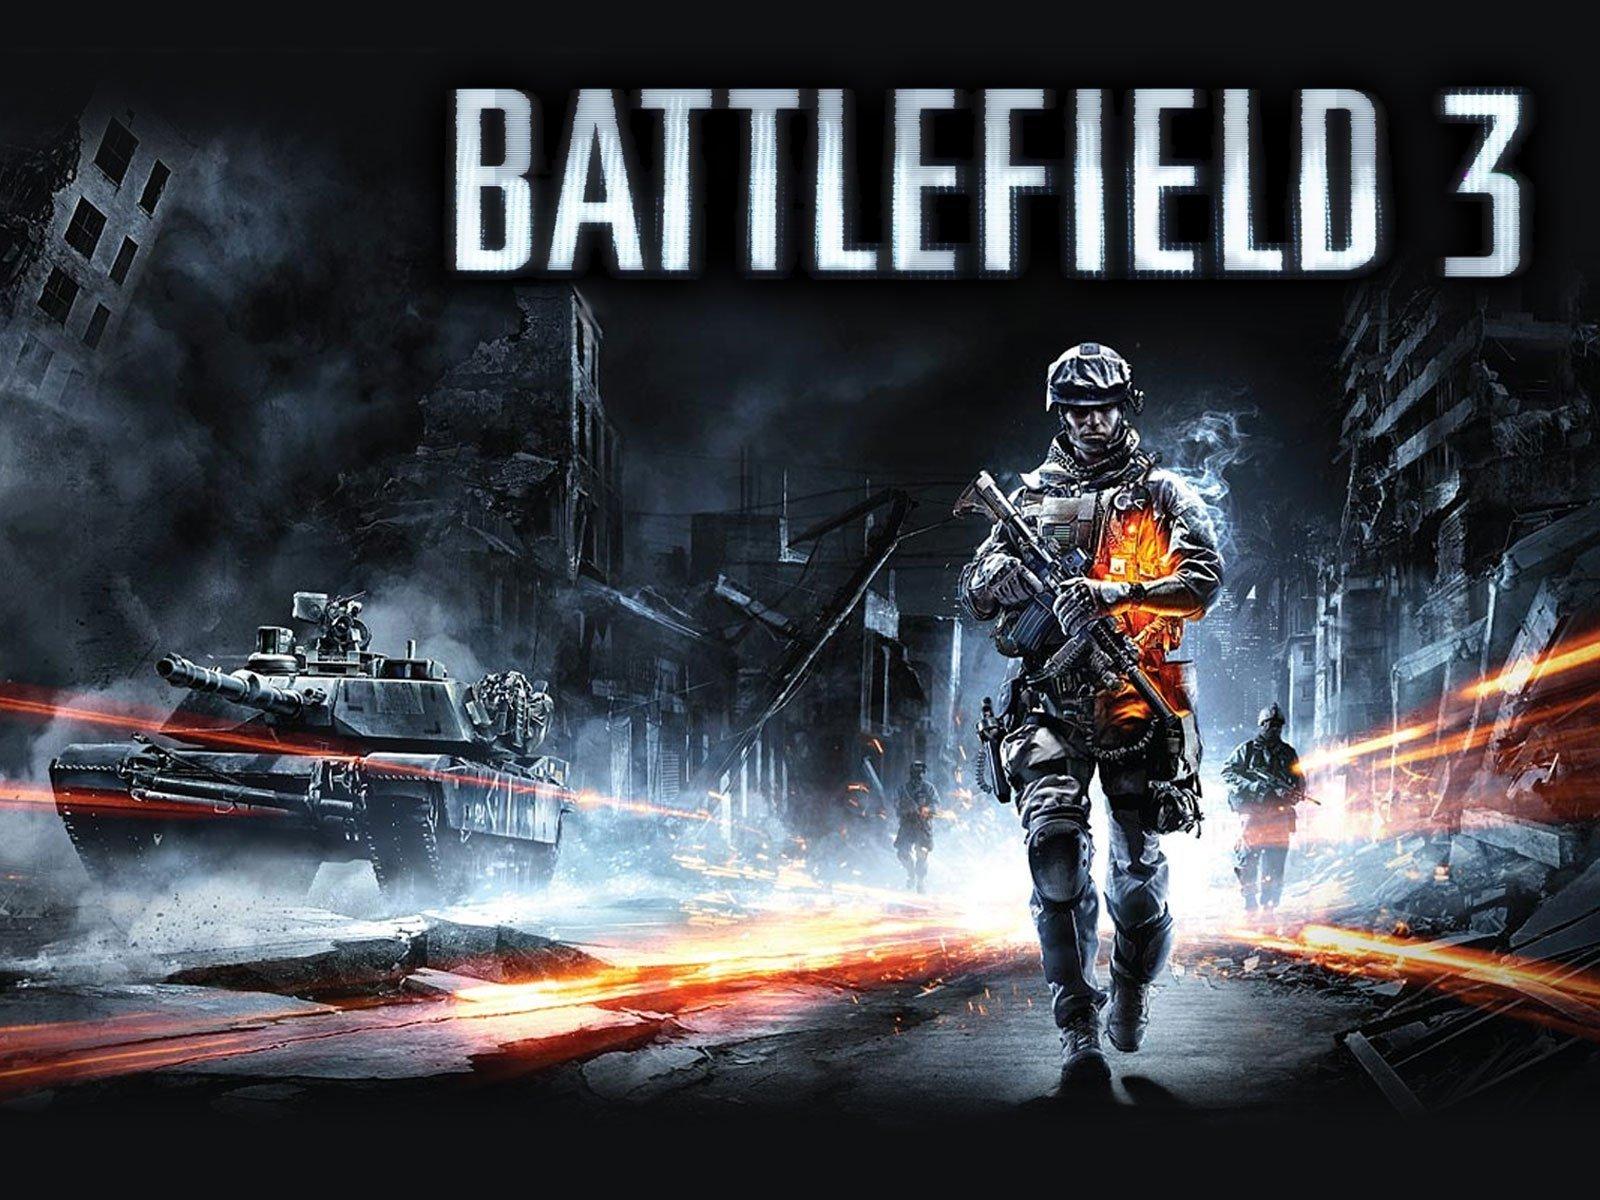 http://1.bp.blogspot.com/-XxHVSk7a5uc/TrTIUL1660I/AAAAAAAABVU/GrXgjIDztAM/s1600/Battlefield-3-battlefield-bad-company-1gamescay.jpg